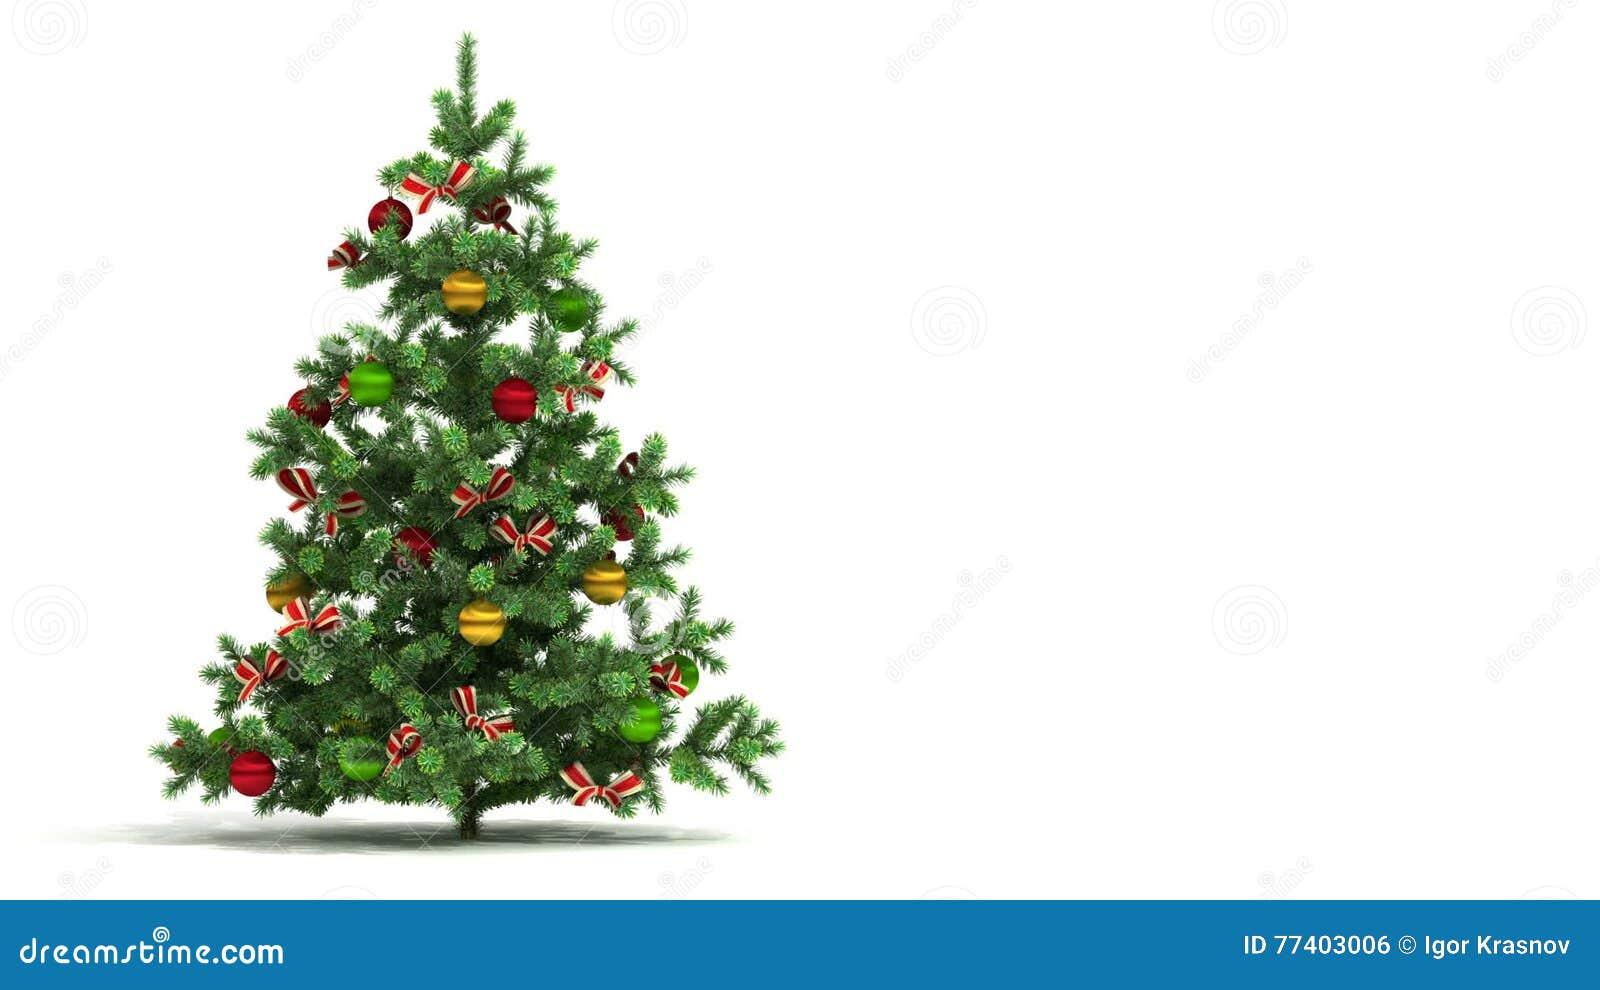 Albero Di Natale Hd.Il Bello Albero Di Natale Ha Avvolto Isolato Su Fondo Bianco Concetto Di Presentazione Del Nuovo Anno Le Prime 250 Strutture Sono Stock Footage Video Di Isolato Ornamento 77403006